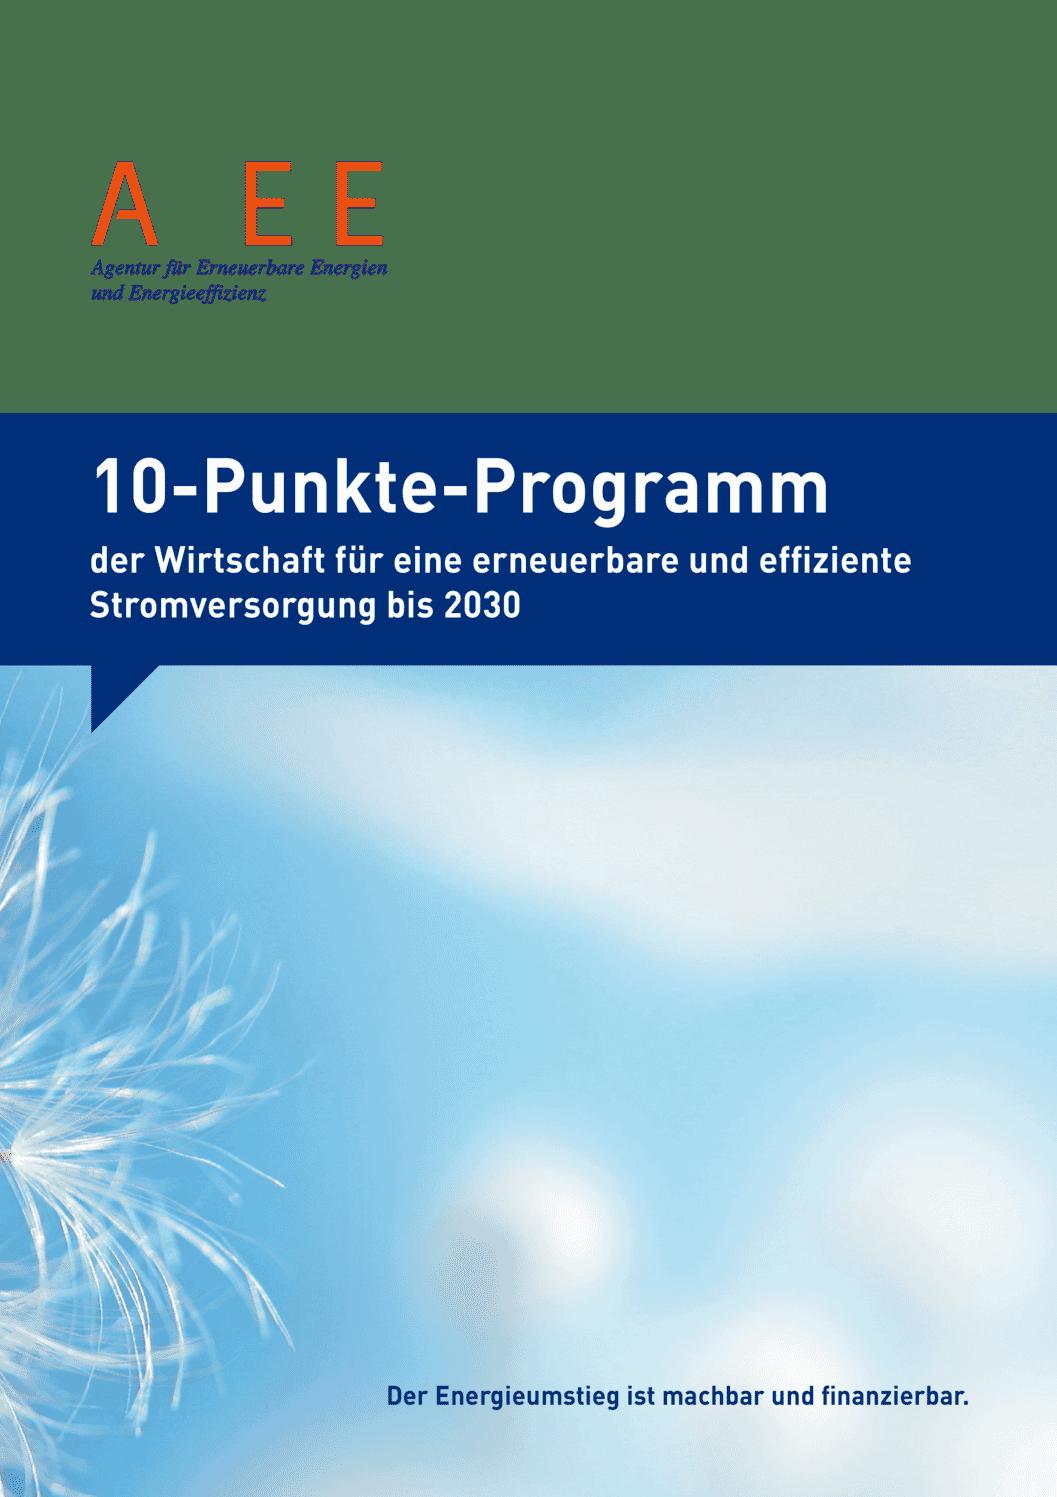 aee suisse 10 Punkte Programm Stromversorgung